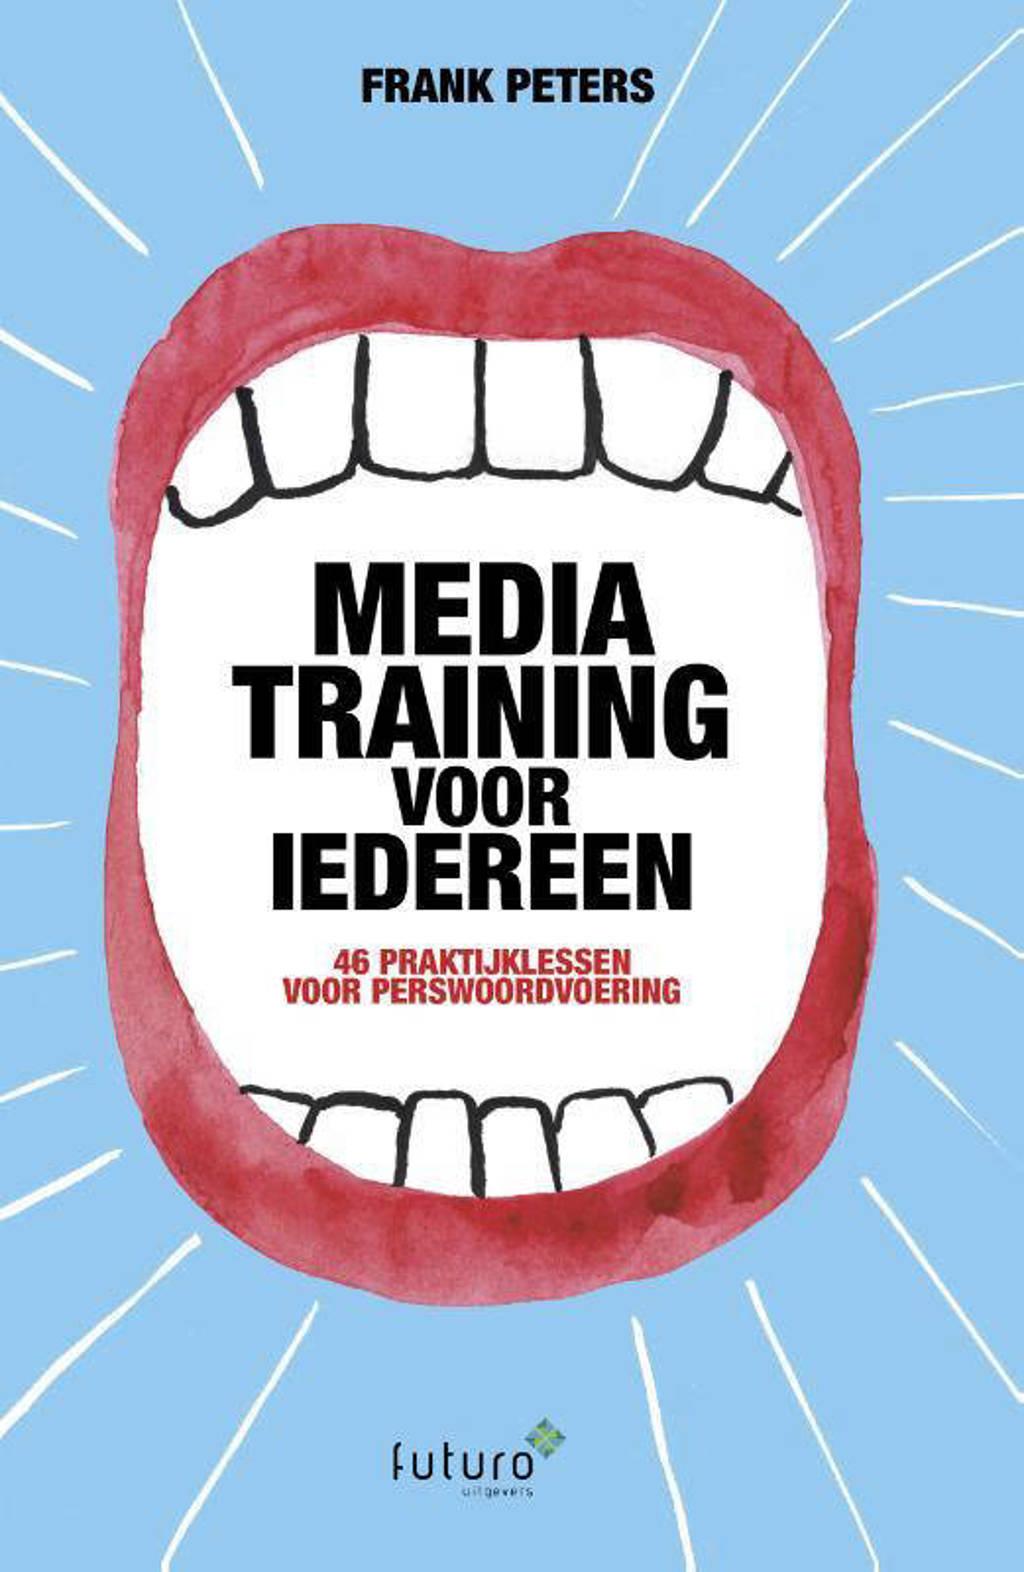 Mediatraining voor iedereen - Frank Peters